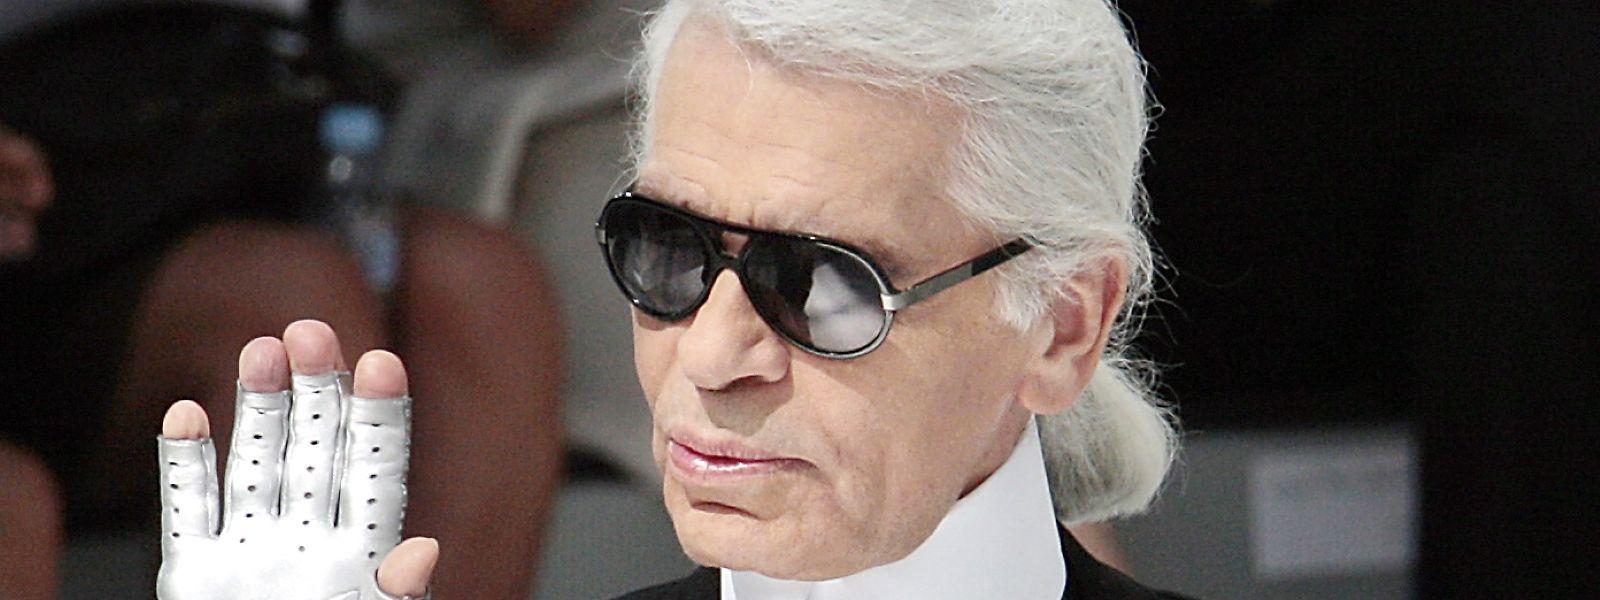 Karl Lagerfeld mit seinen Markenzeichen: Sonnenbrille, Kragen und Handschuhe.